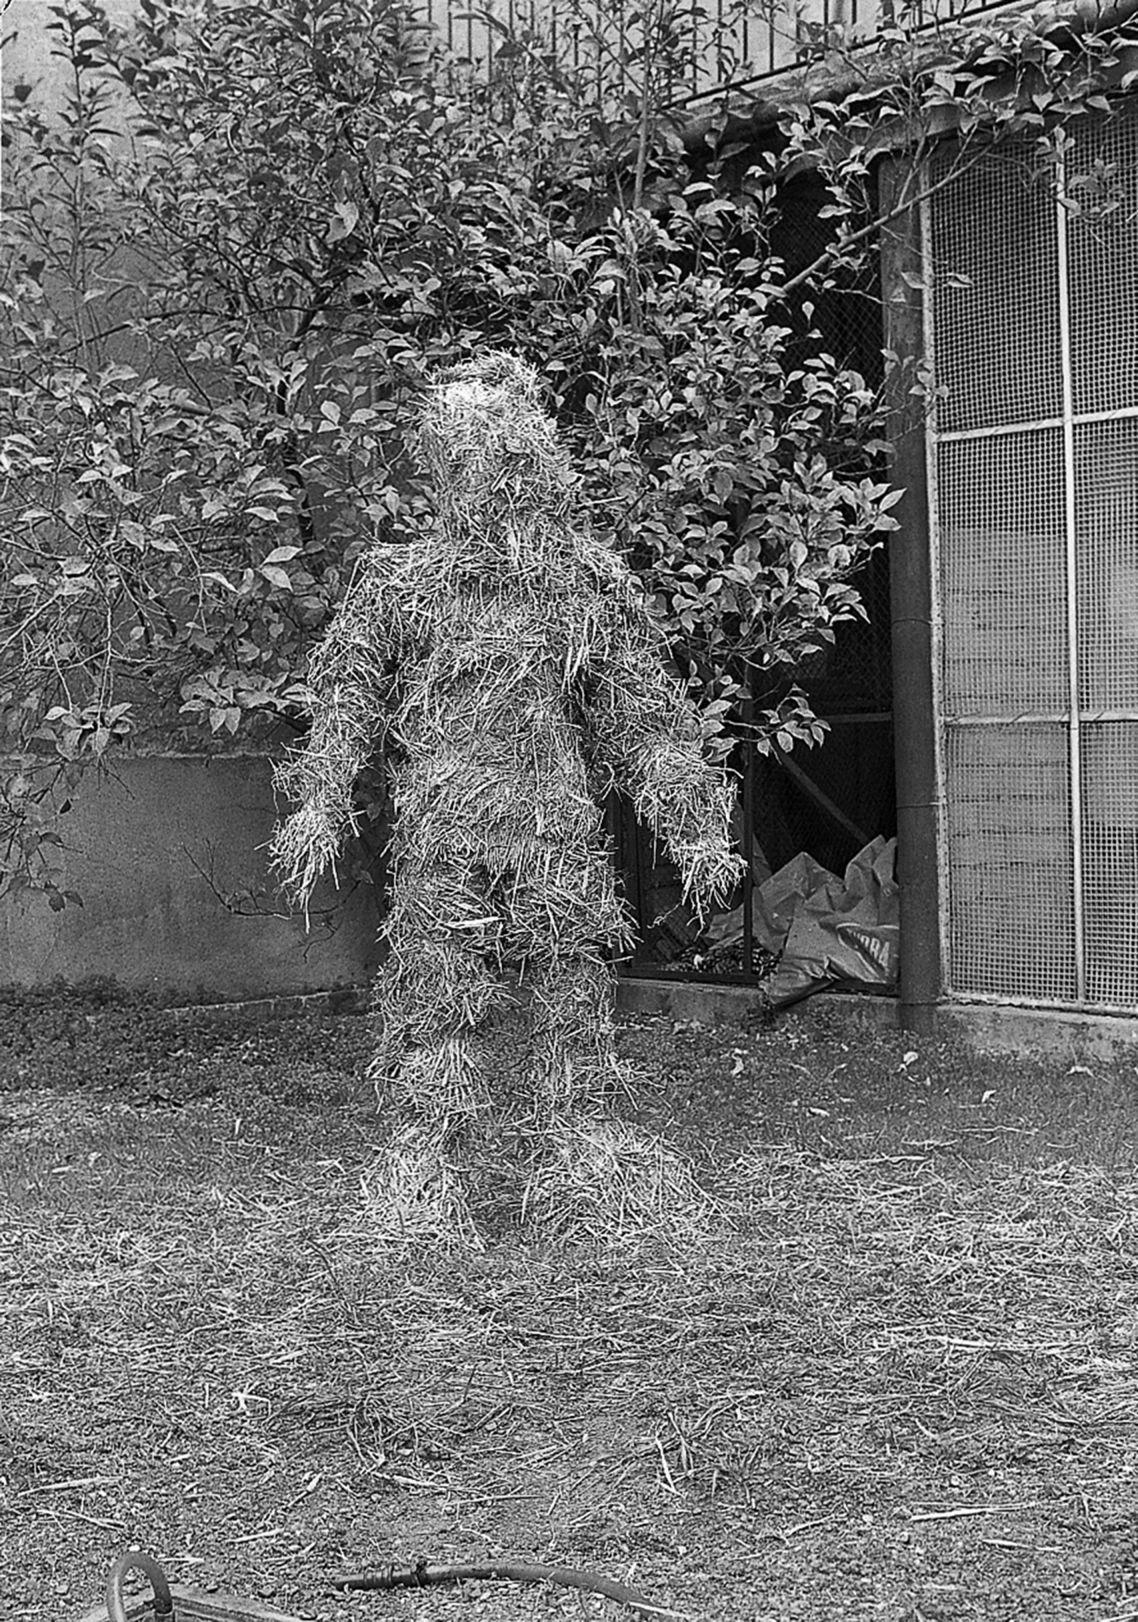 Relacions. Relació del cos amb elements naturals. El cos cobert de palla, Sabadell, enero de 1975. Museu d'Art de Sabadell (1975) - Josefina Miralles - Fina Miralles